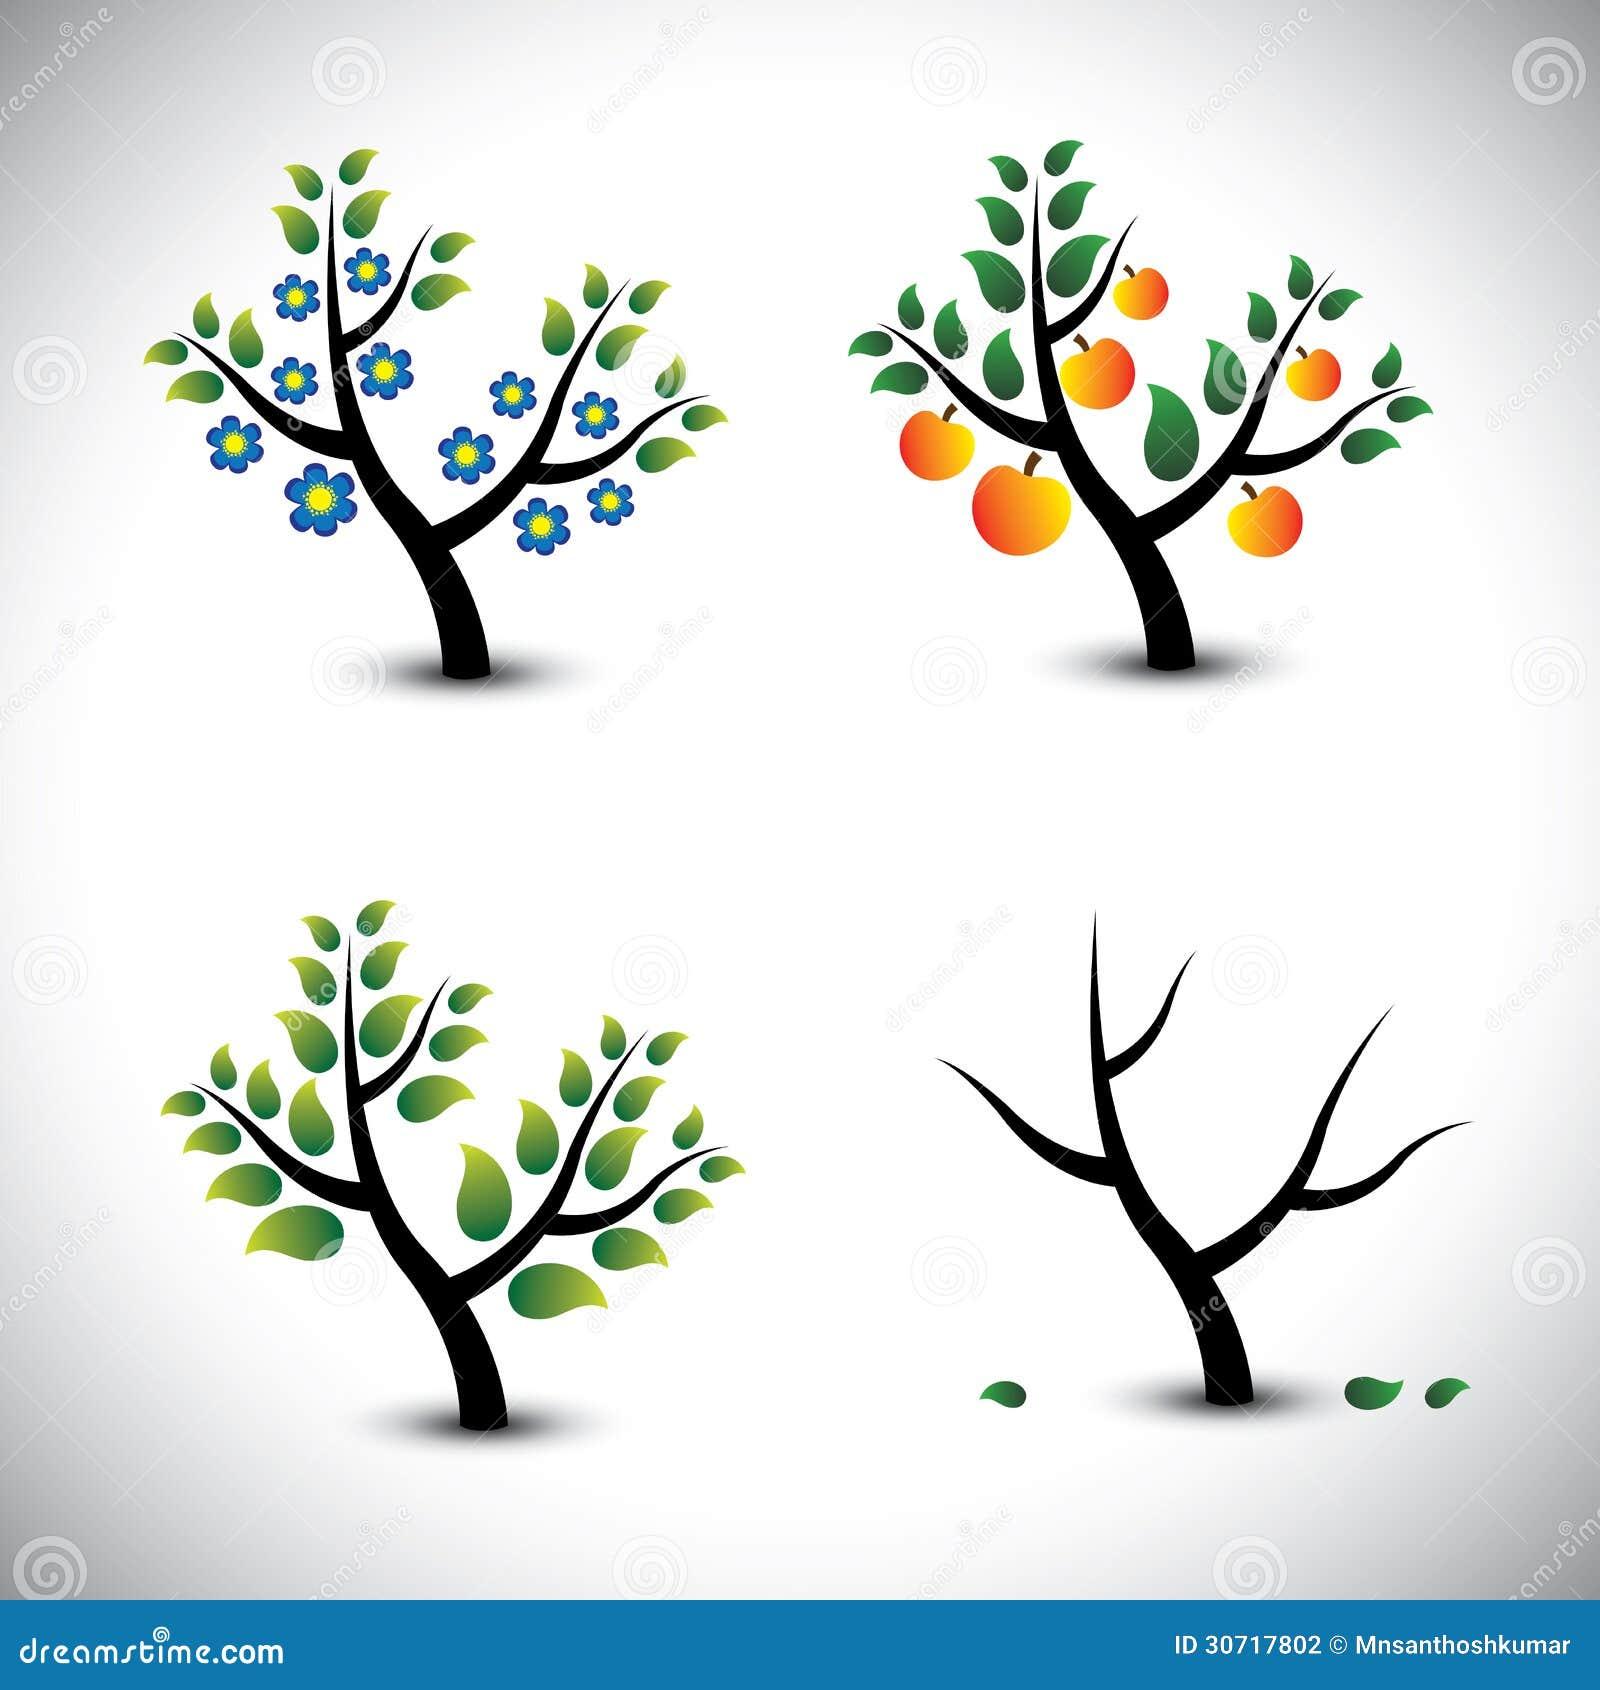 Rbol abstracto en primavera verano oto o y invierno for Arboles en invierno